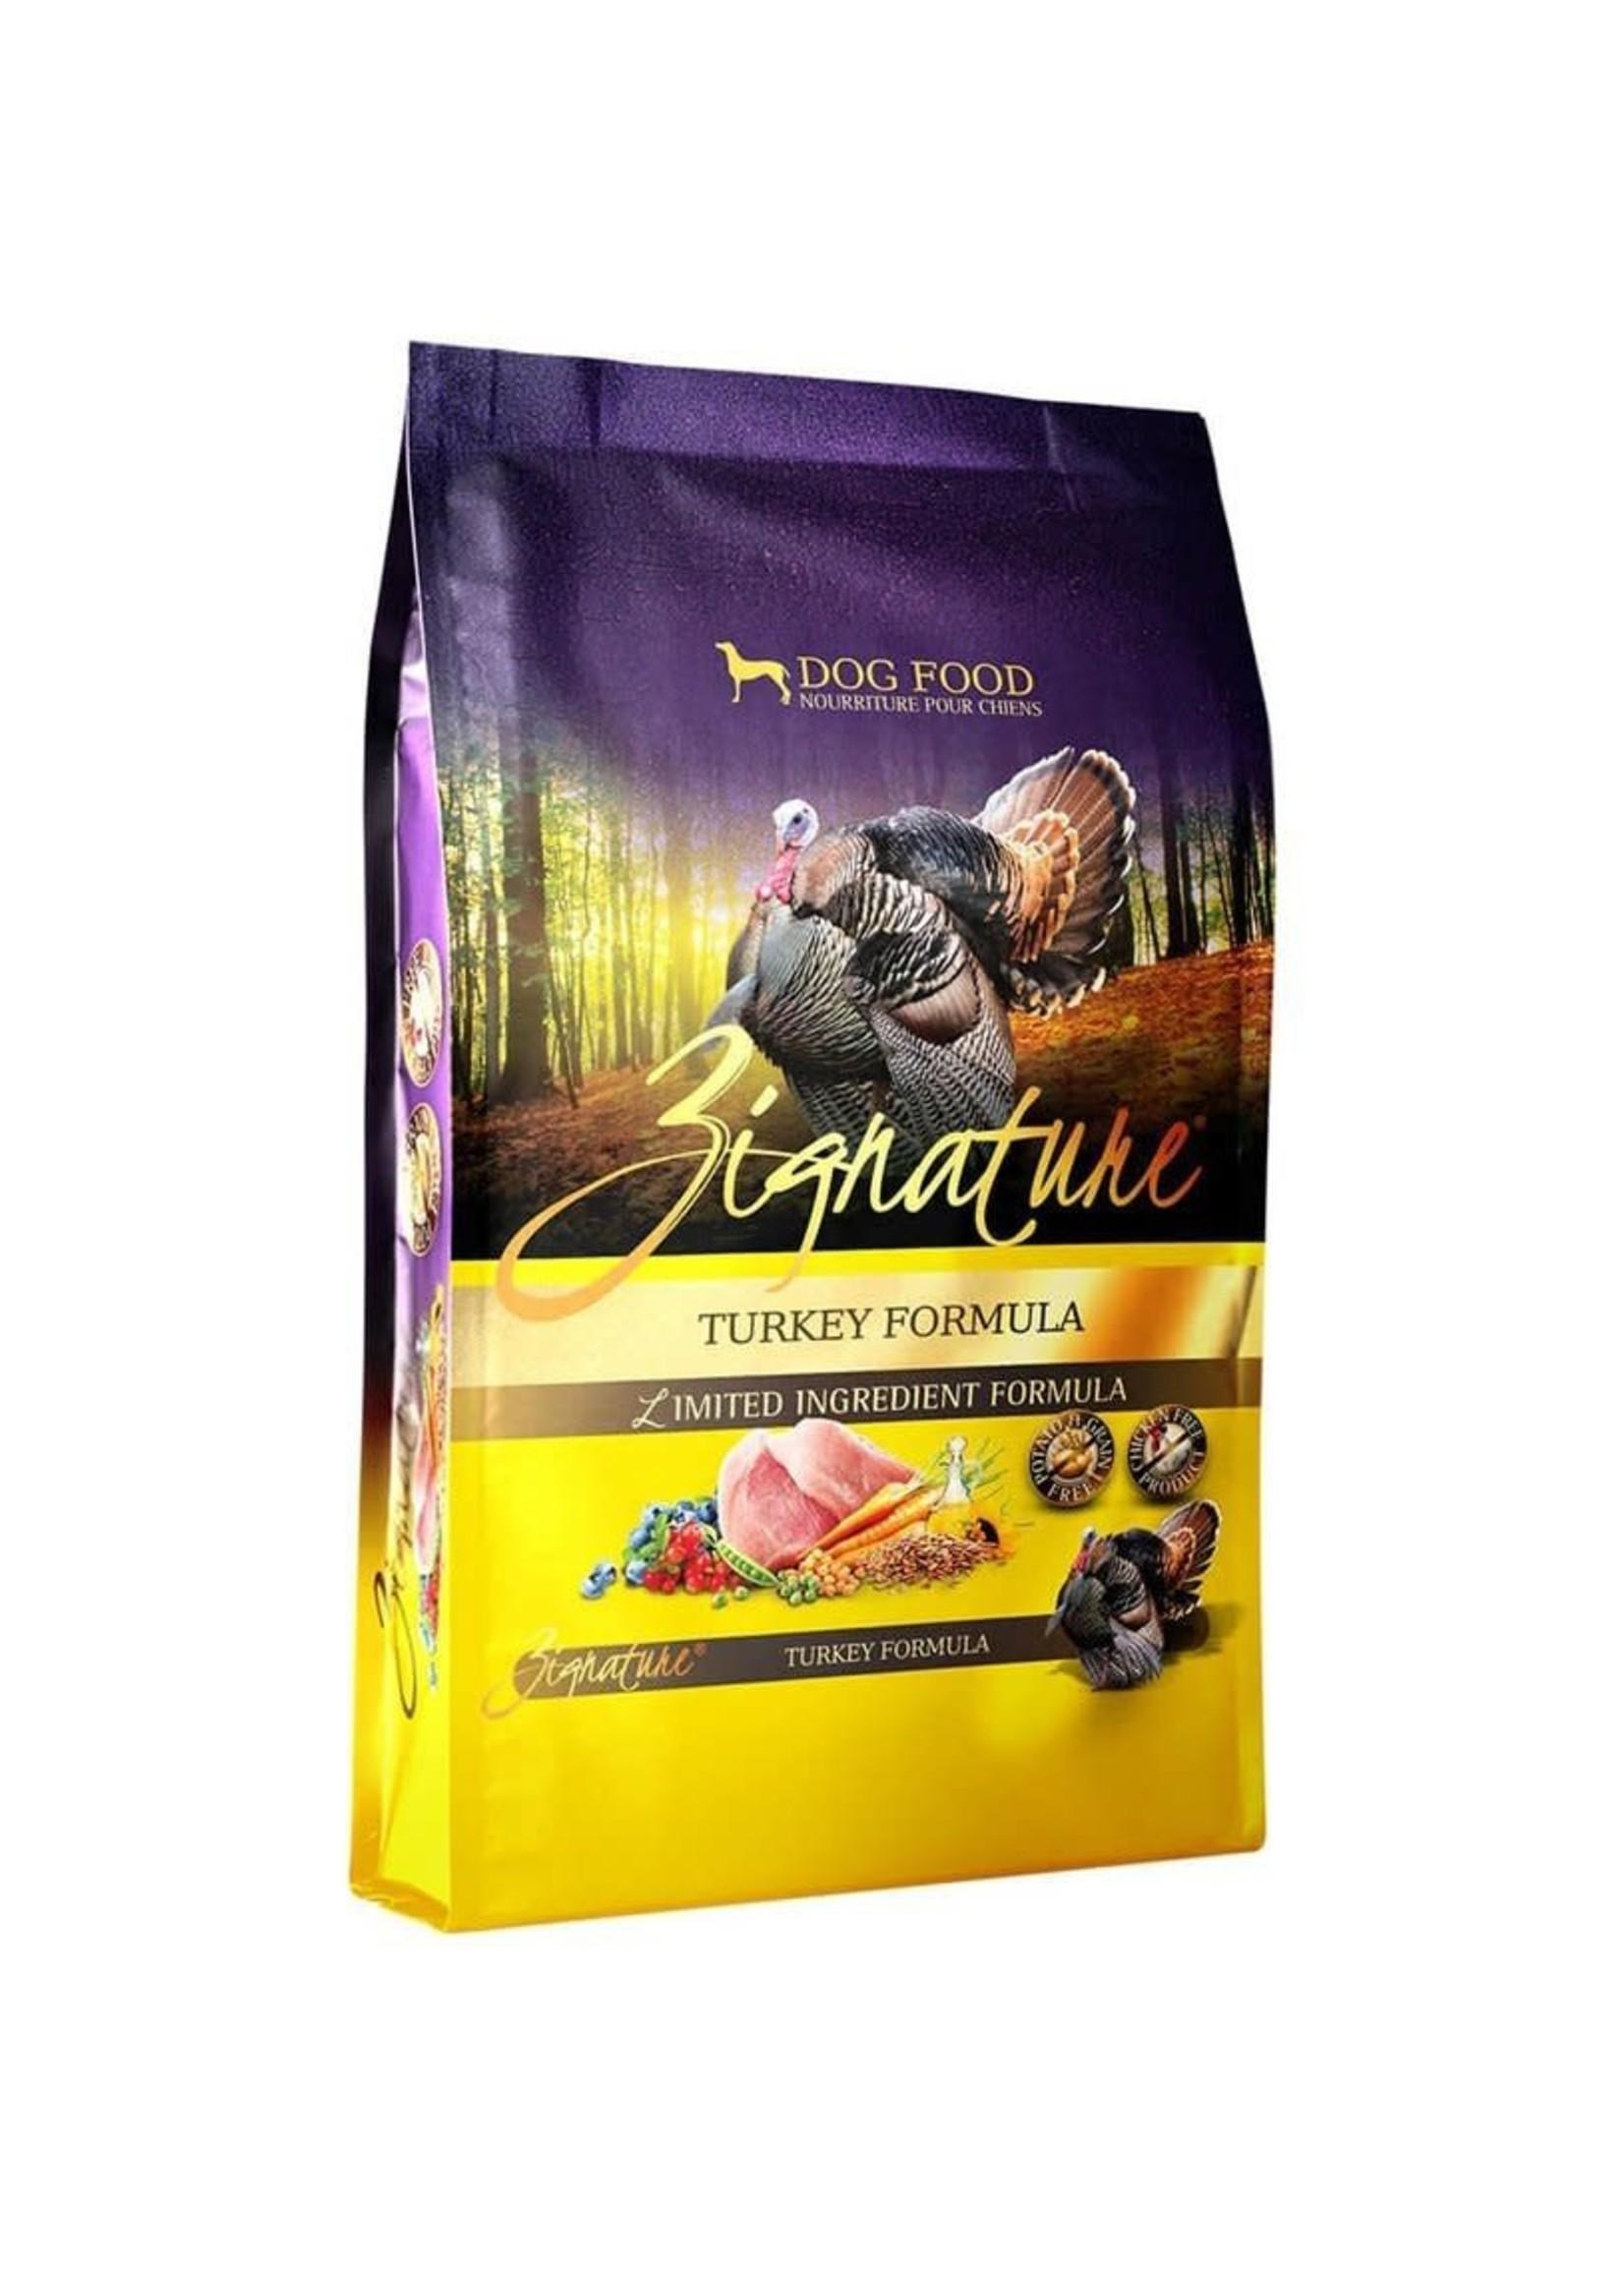 Zignature Zignature Turkey Formula Dog Food Dry 25lbs